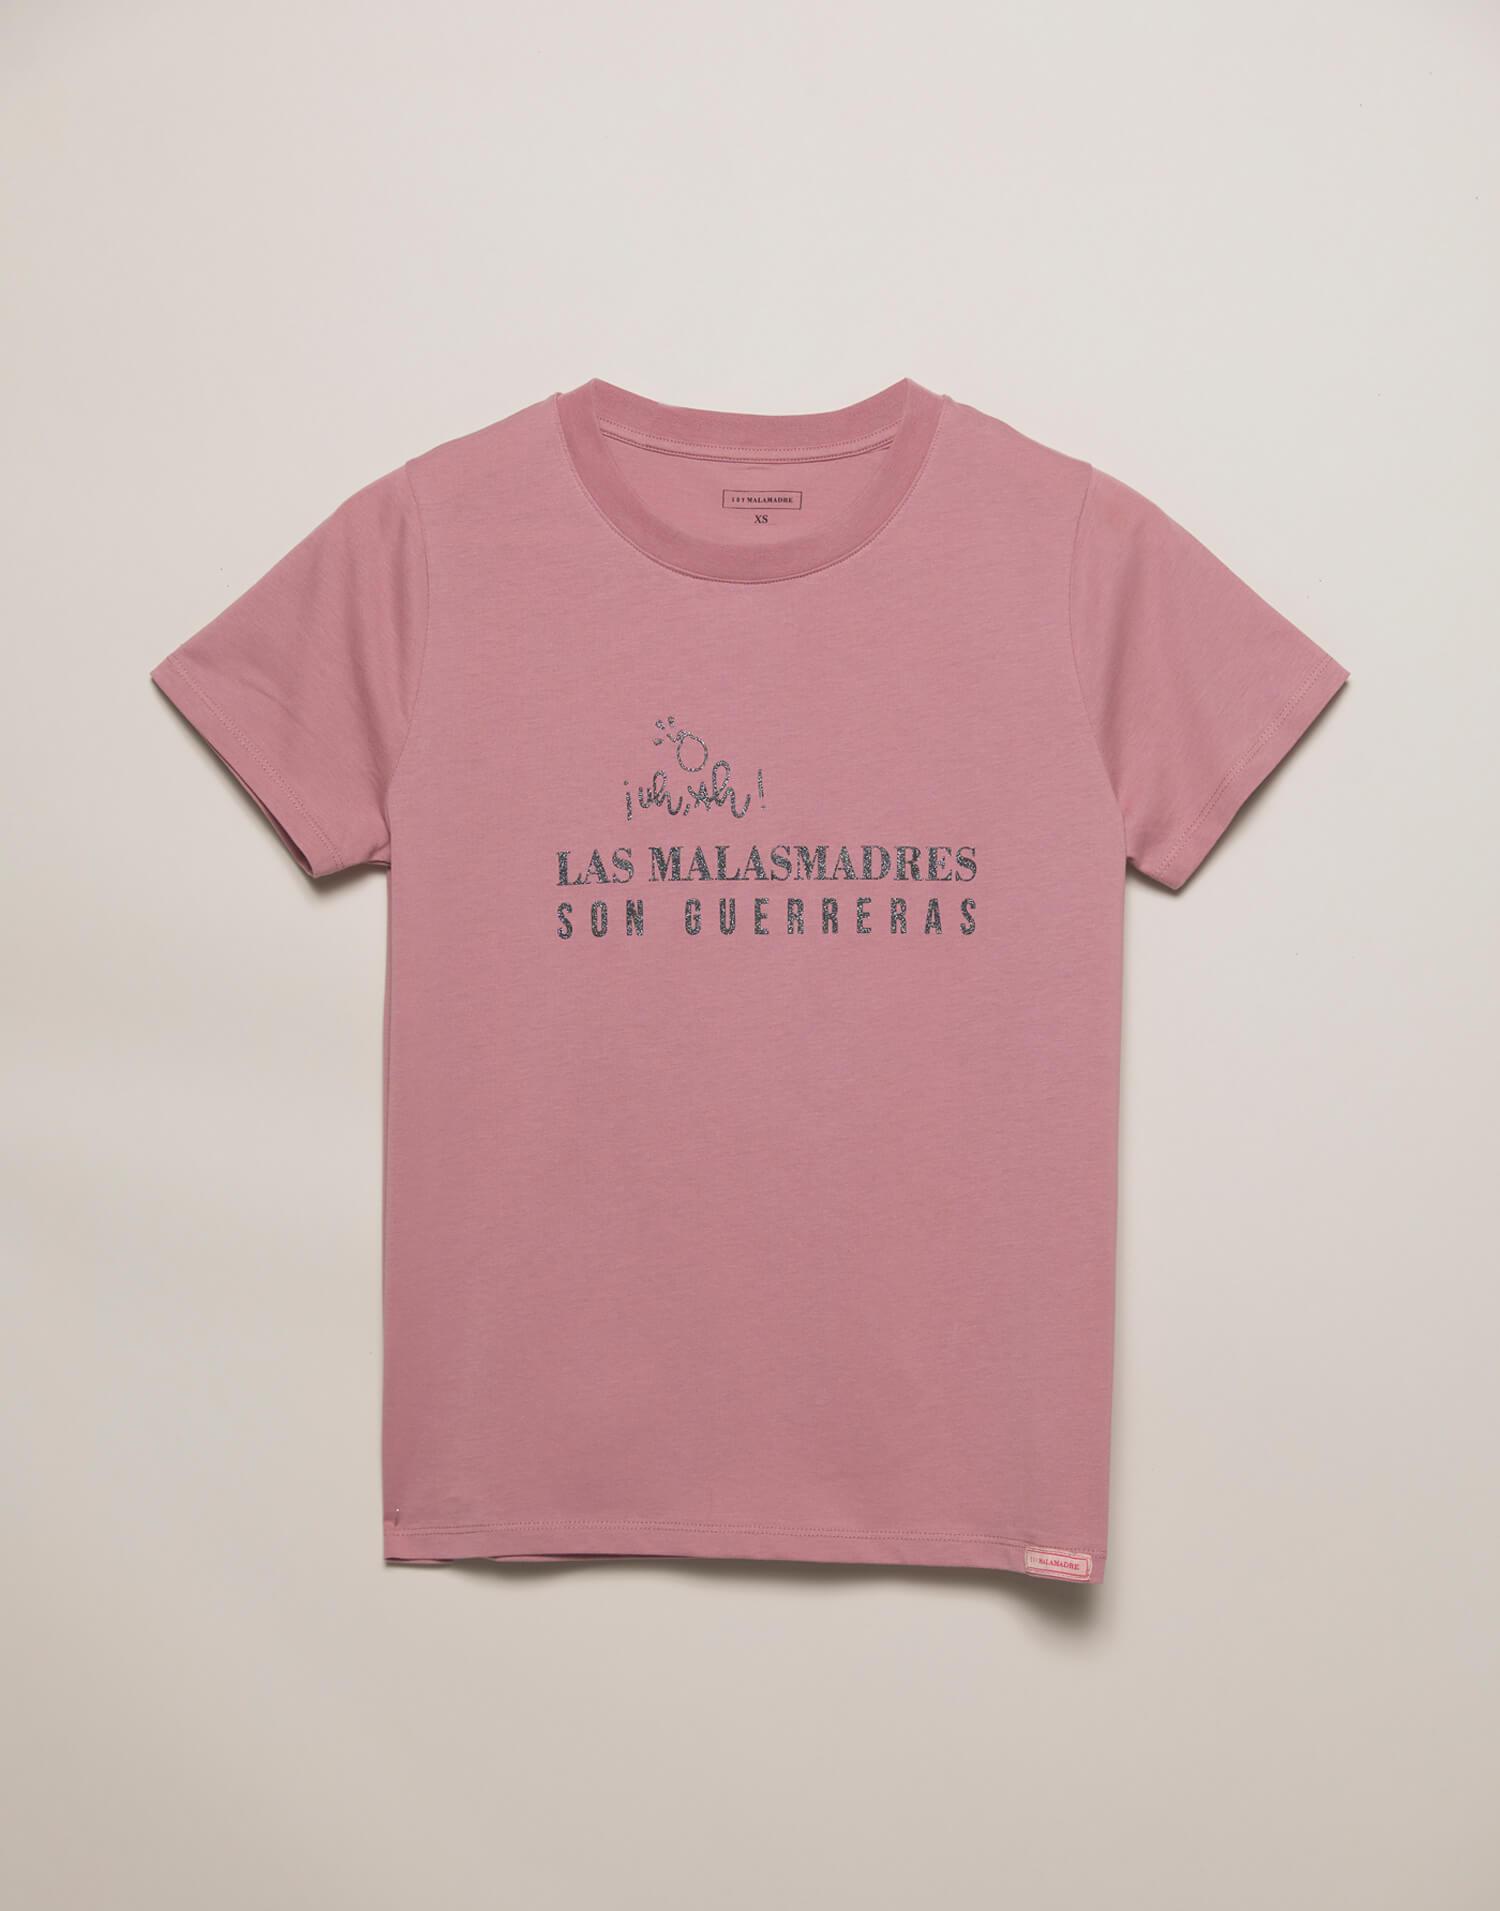 Camiseta rosa 'Las Malasmadres son guerreras'